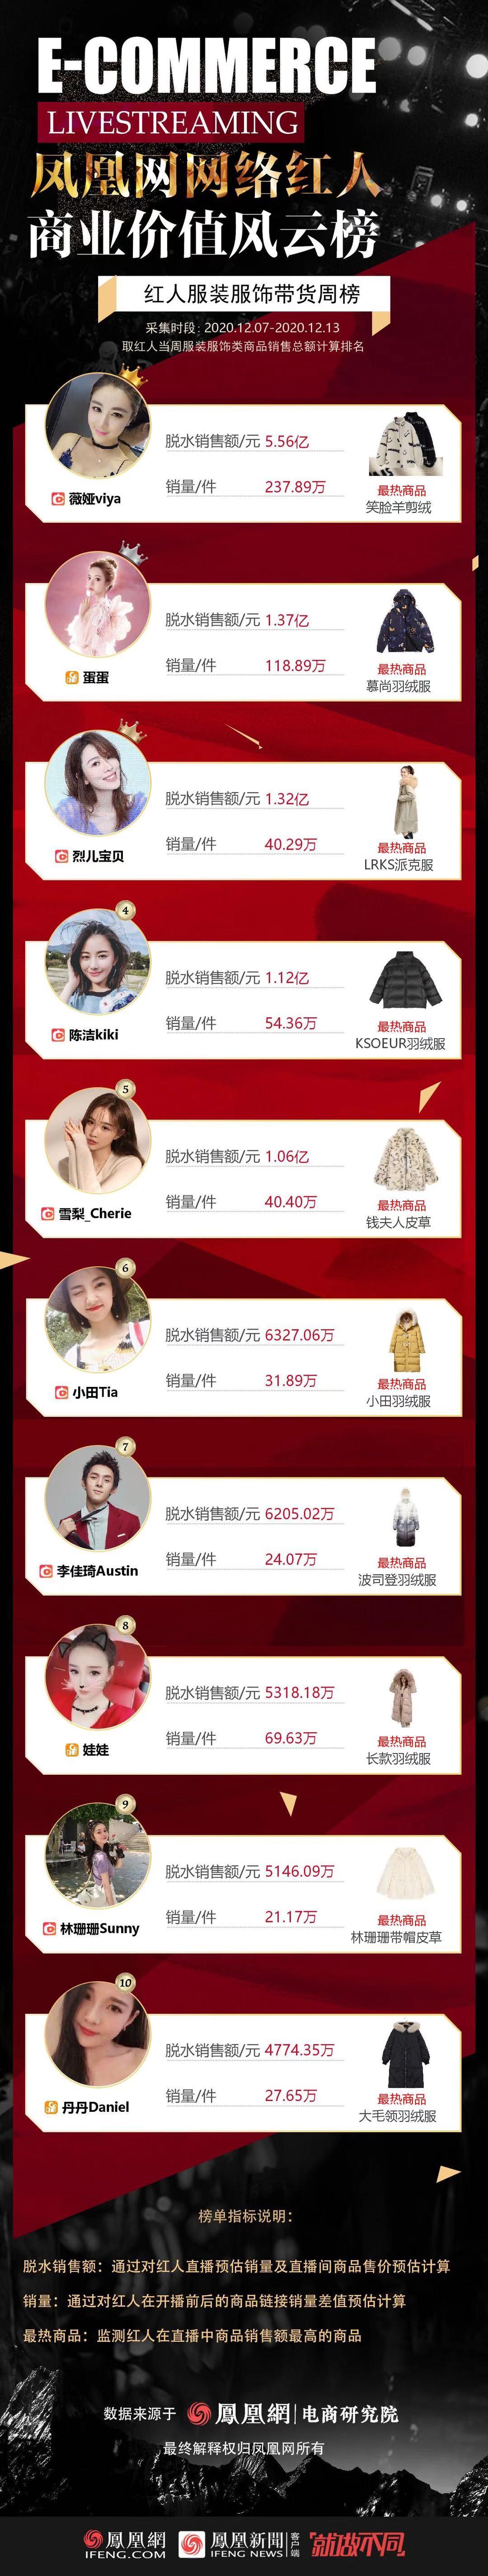 红人服装服饰带货GMV排行榜TOP10